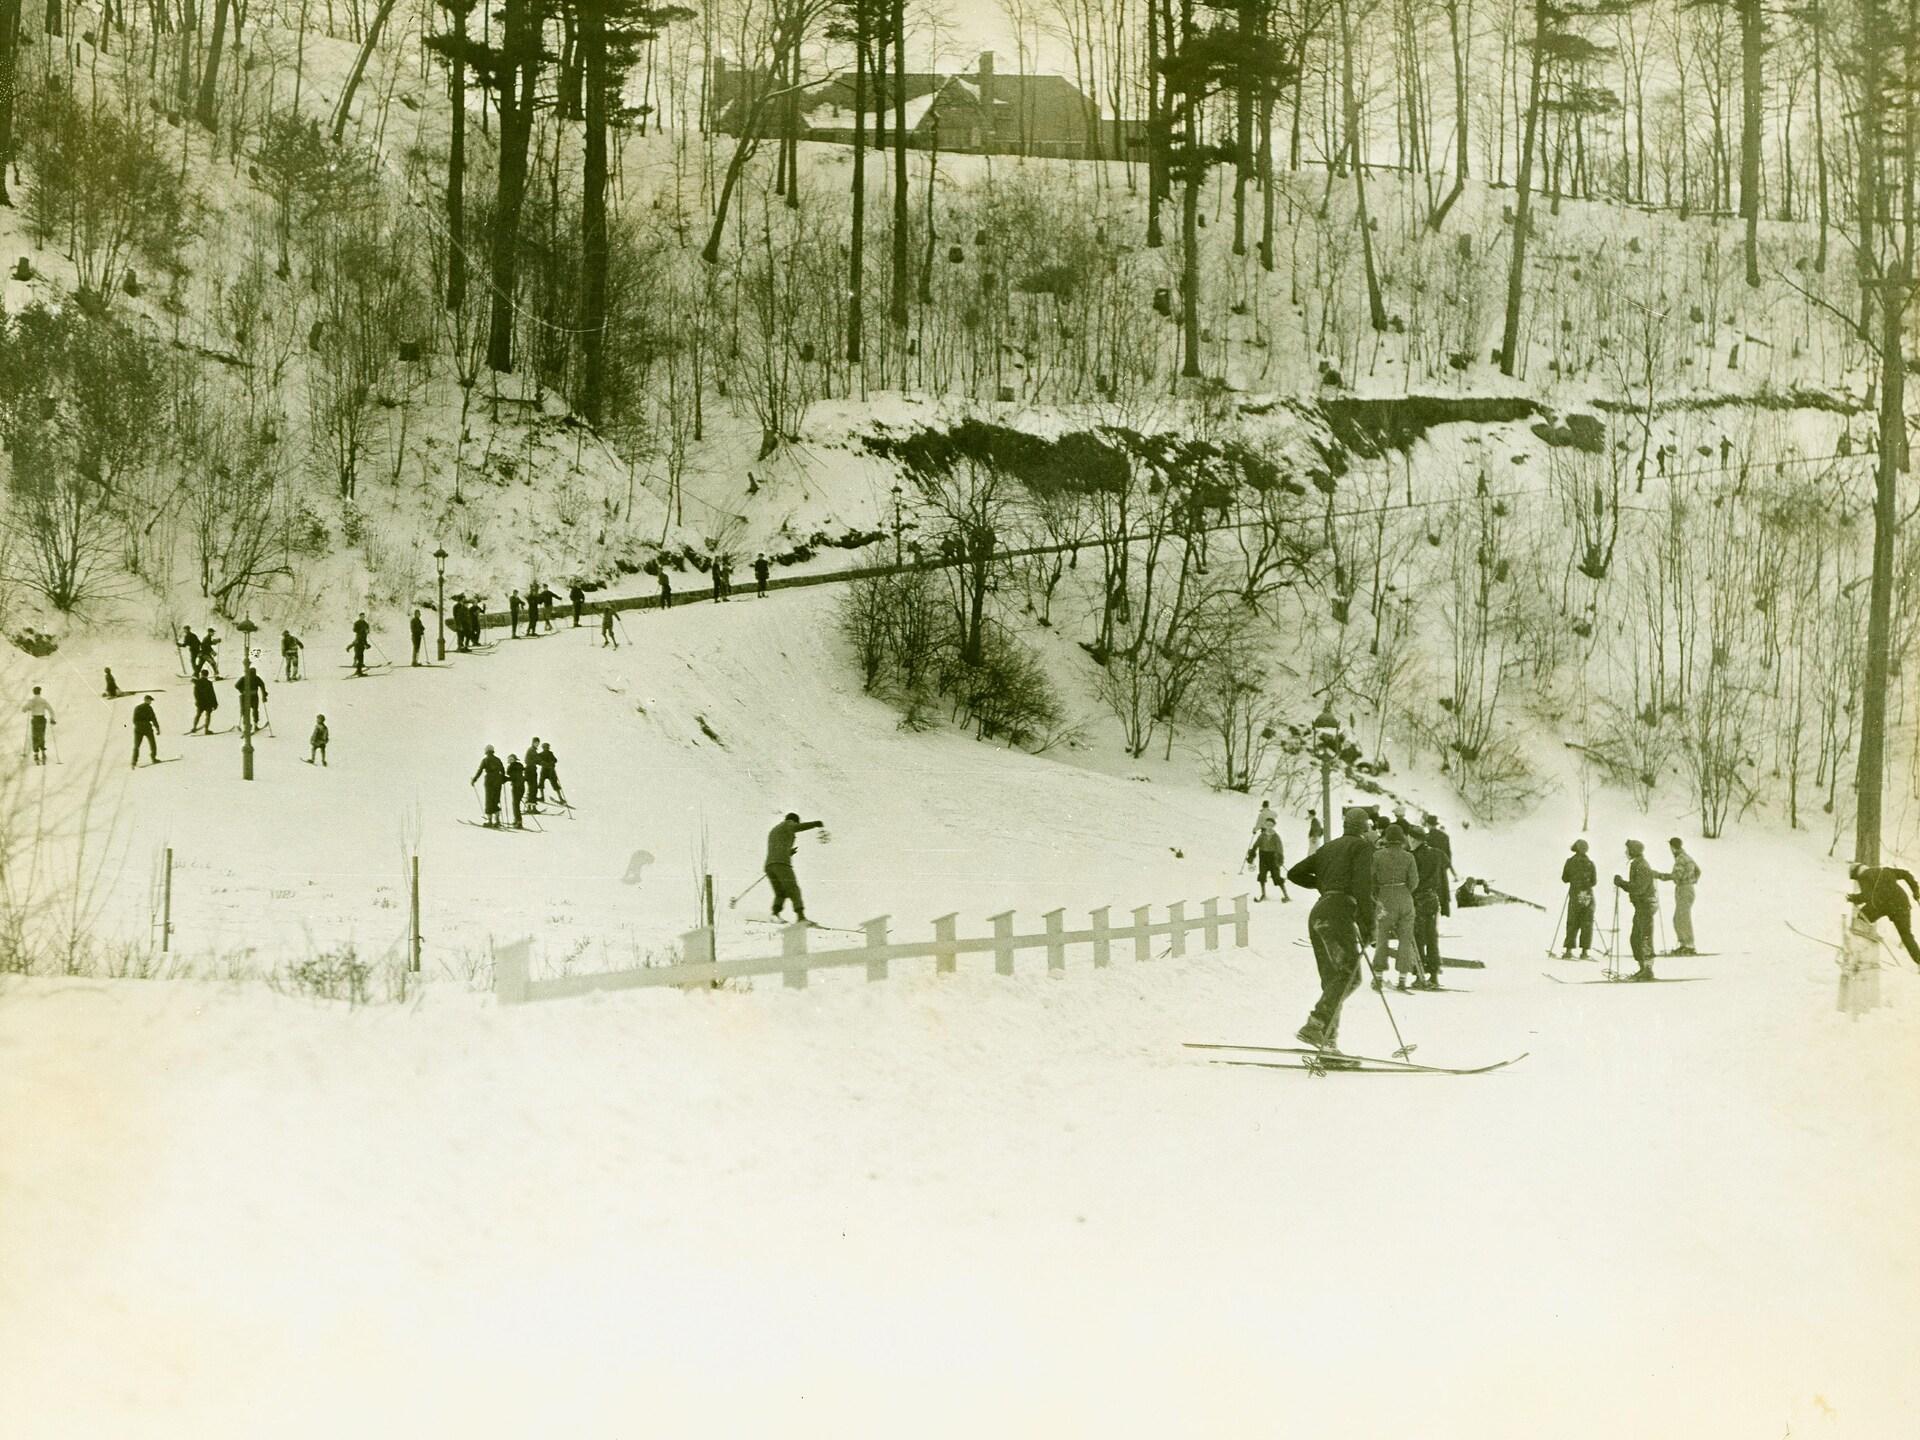 Des skieurs des années 1930 sillonnent la côte Gilmour et ses méandres boisés, par une nuageuse journée d'hiver.